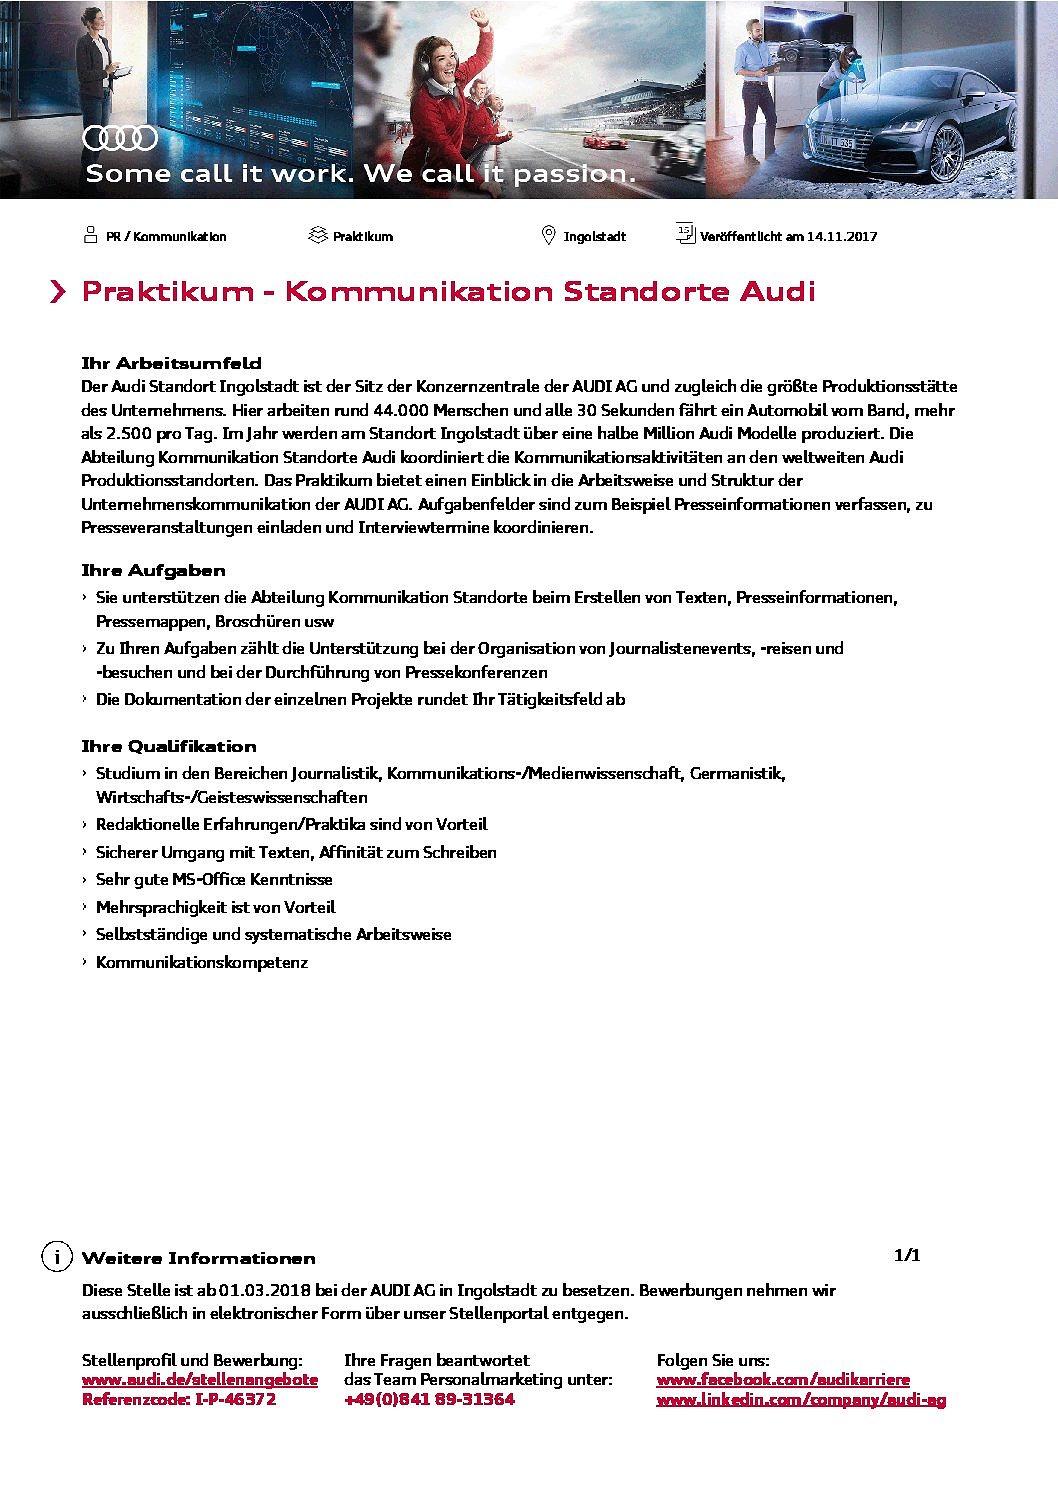 Audi AG: Praktikant (m/w) im Bereich Kommunikation der Standorte gesucht